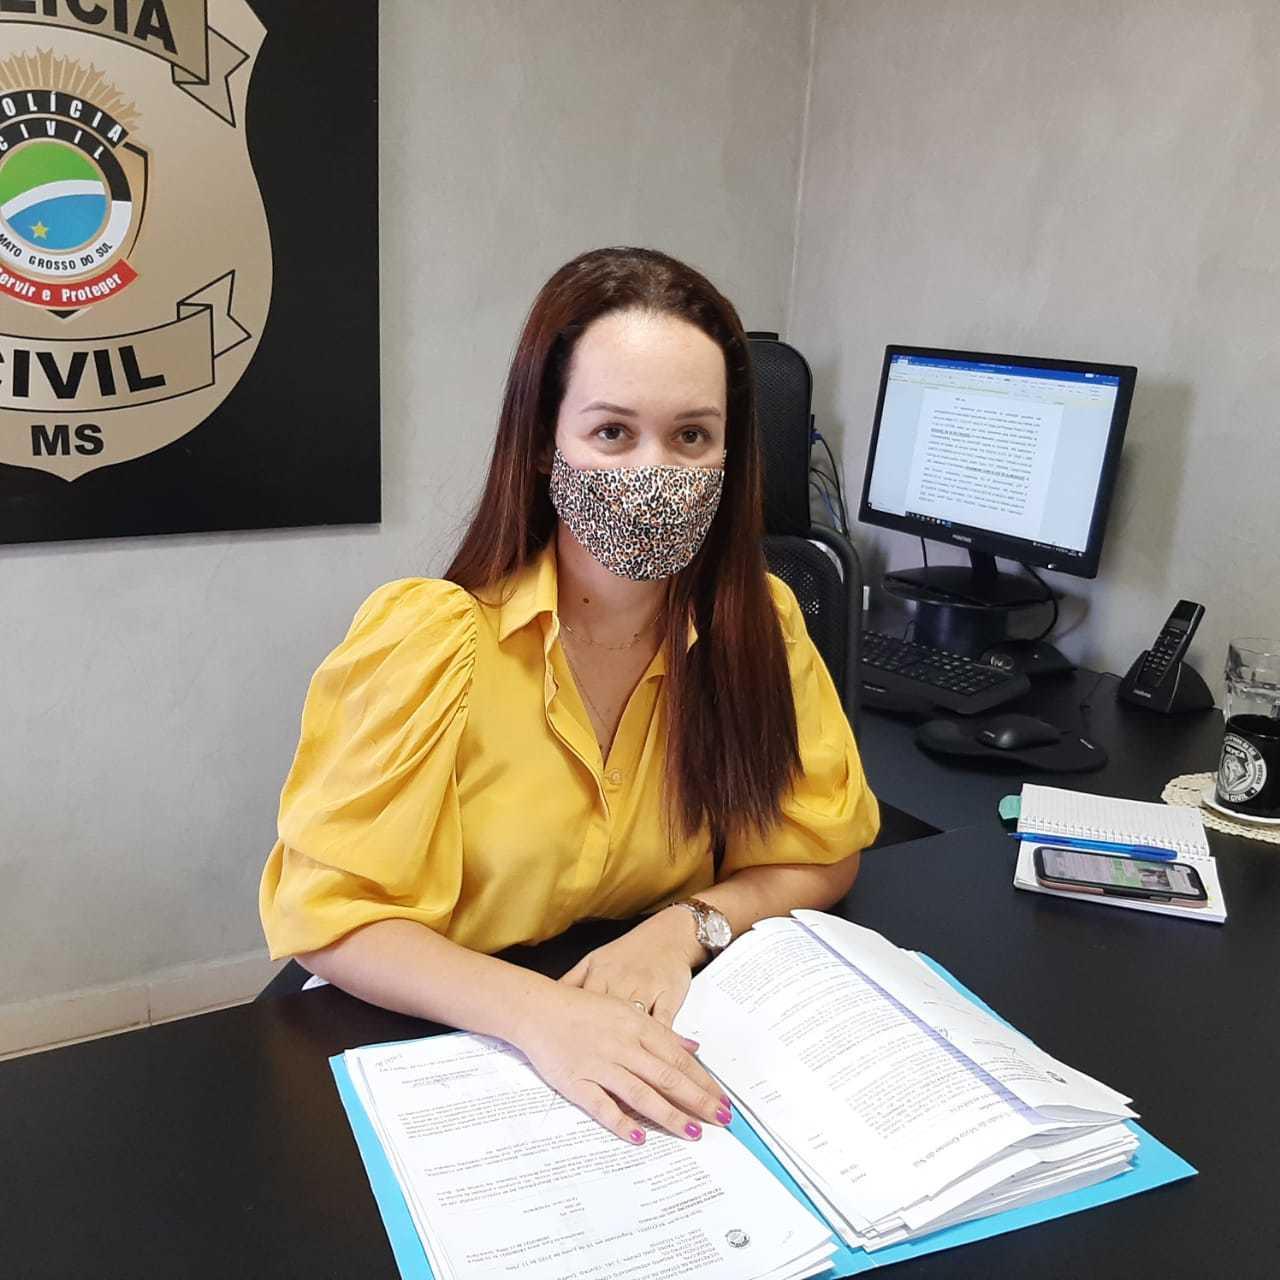 Delegada Franciele Candotti Santana, responsável pela caso (Foto: Ana Beatriz Rodrigues)